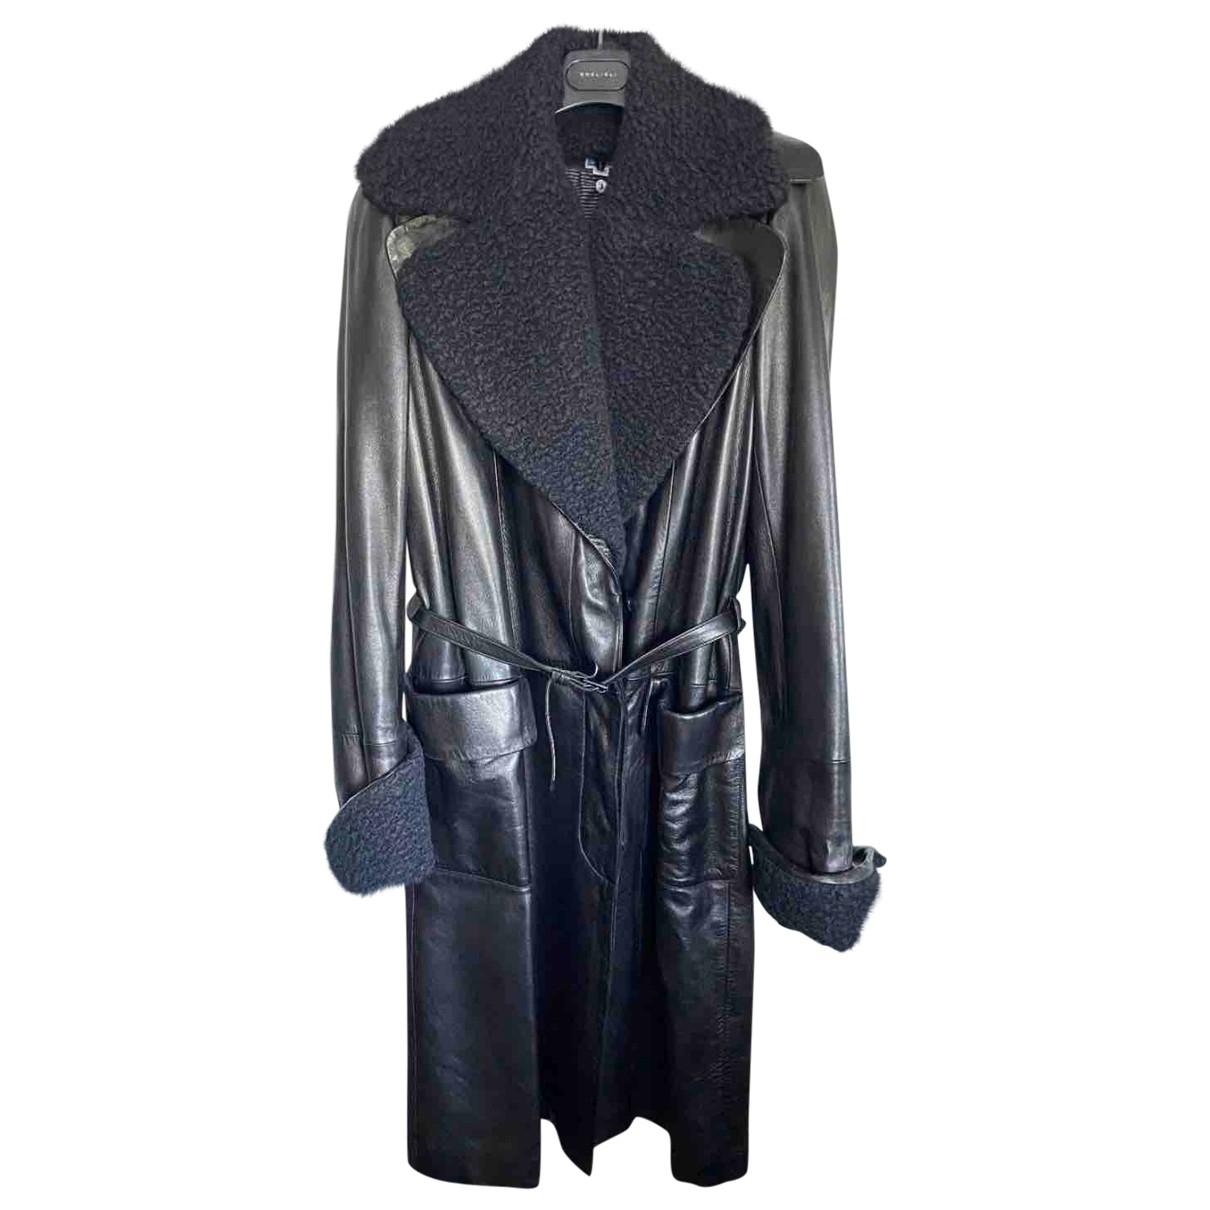 Herve Leger - Manteau   pour femme en cuir - argente